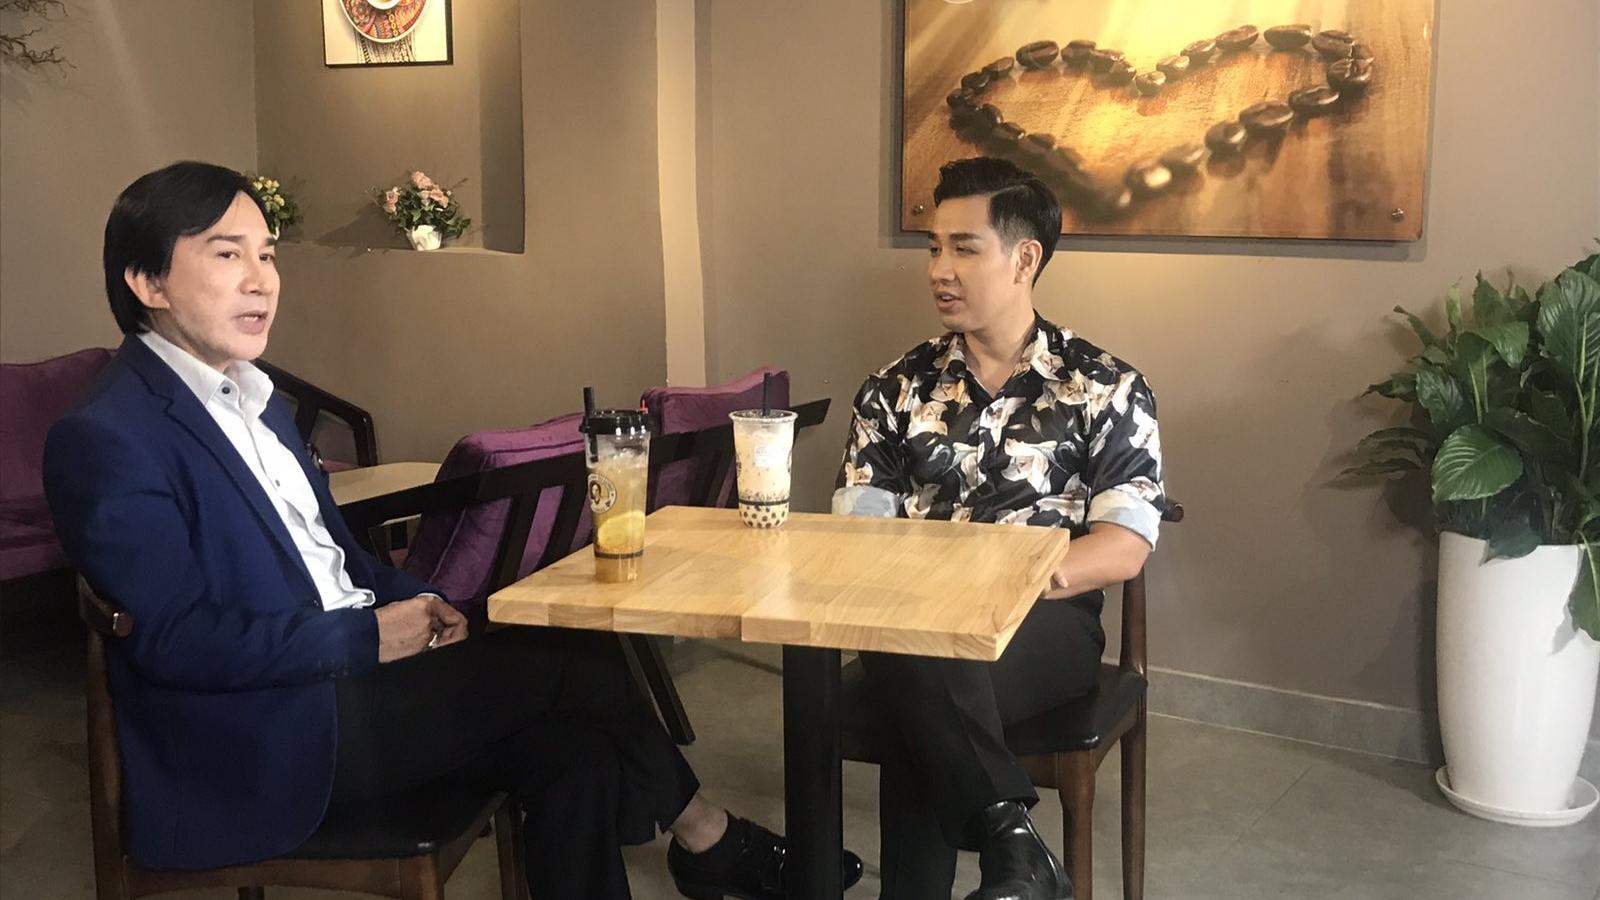 NSƯT Kim Tử Long hướng dẫn MC Nguyên Khang làm món cafe đặc biệt